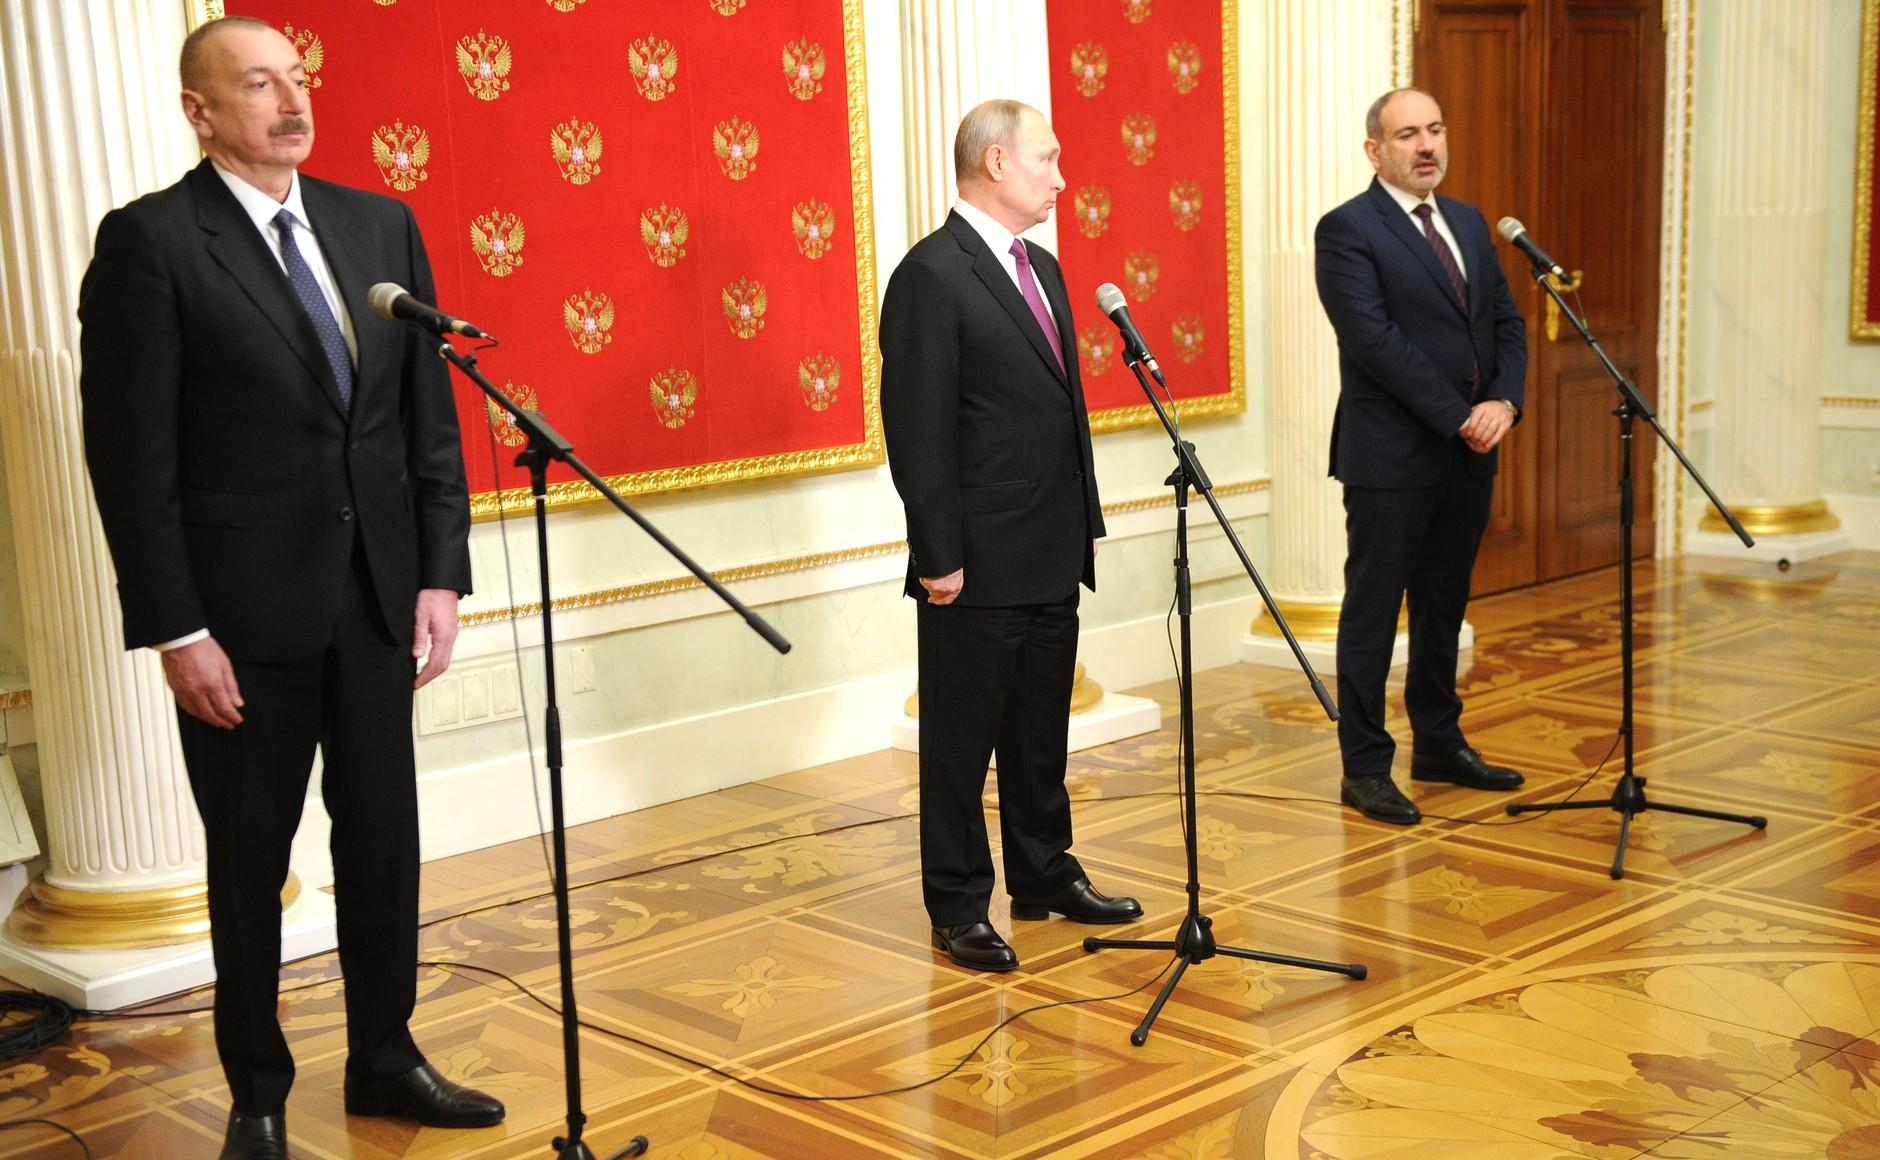 PH 5 SUR 5 Communiqués de presse à l'issue des entretiens avec le président azerbaïdjanais Ilham Aliyev et le Premier ministre arménien Nikol Pashinyan - 11 janvier 2021 – 17H50